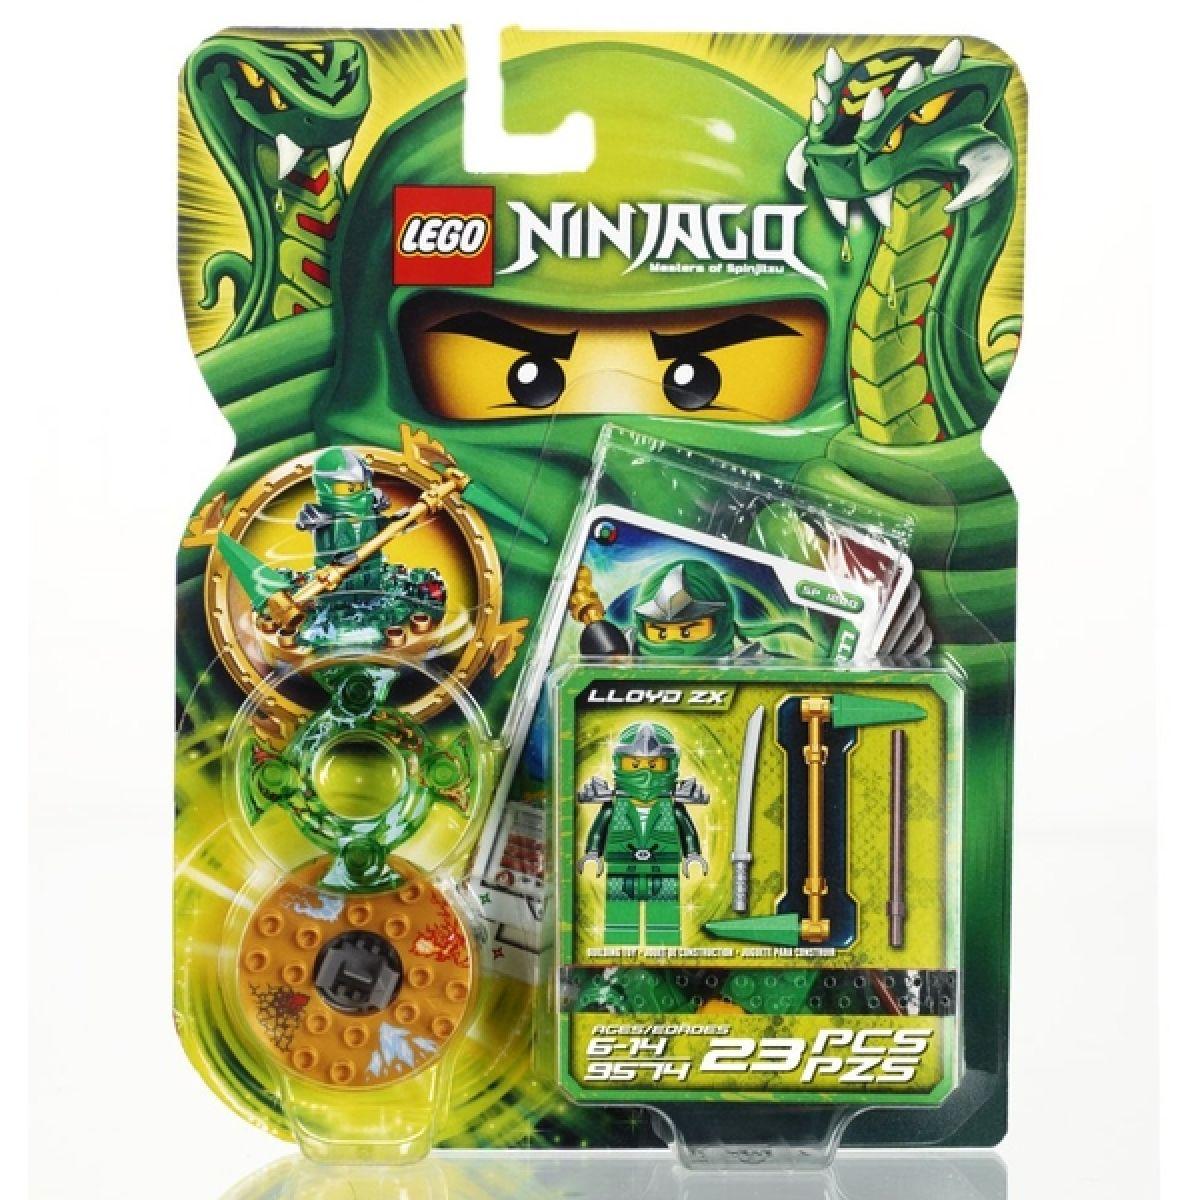 LEGO Ninjago 9574 Lloyd ZX